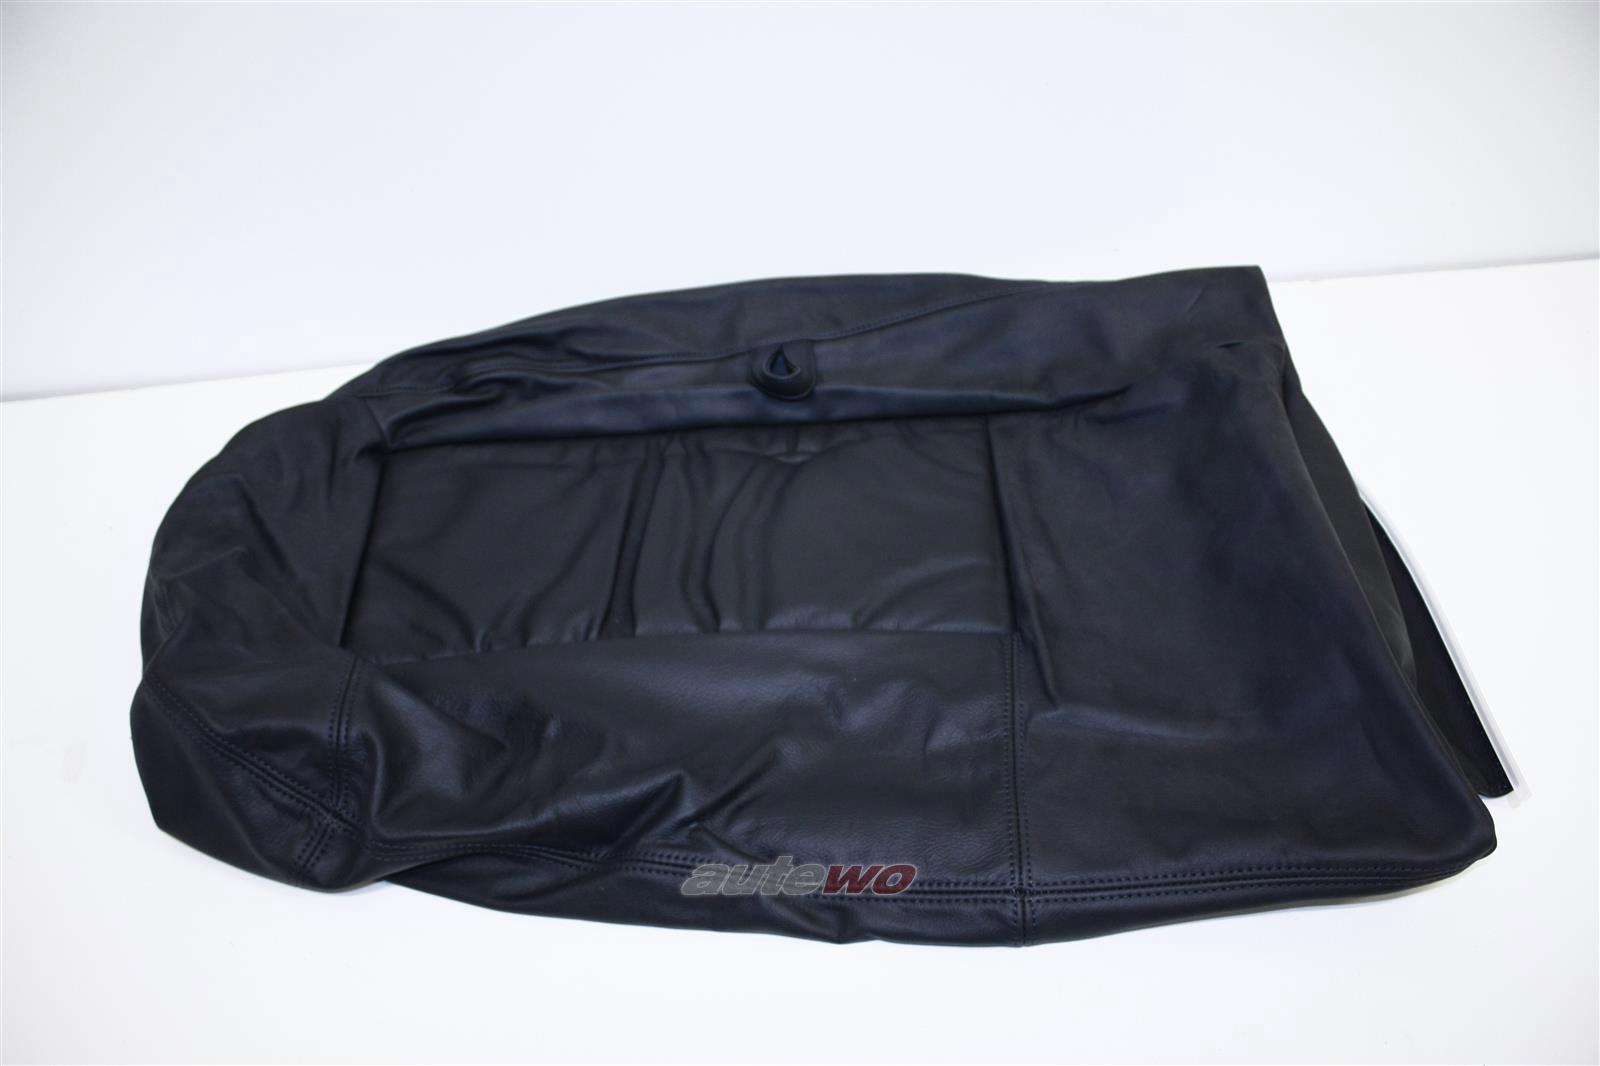 8A9885406J NEU Audi 80 B4/S2/RS2 Avant Sitzbezug Seidennappa-Leder Sitzfläche